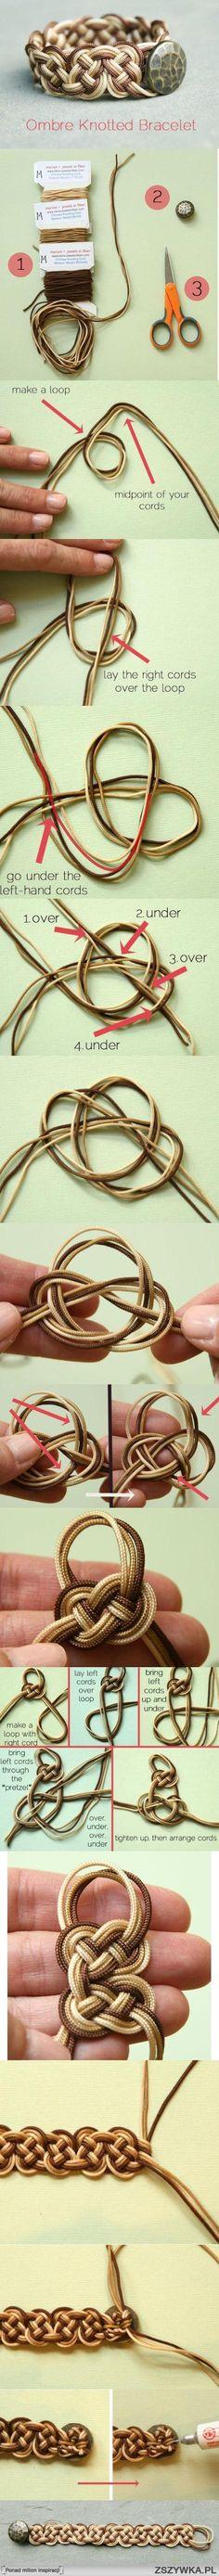 Bracelets : DYI Bracelets